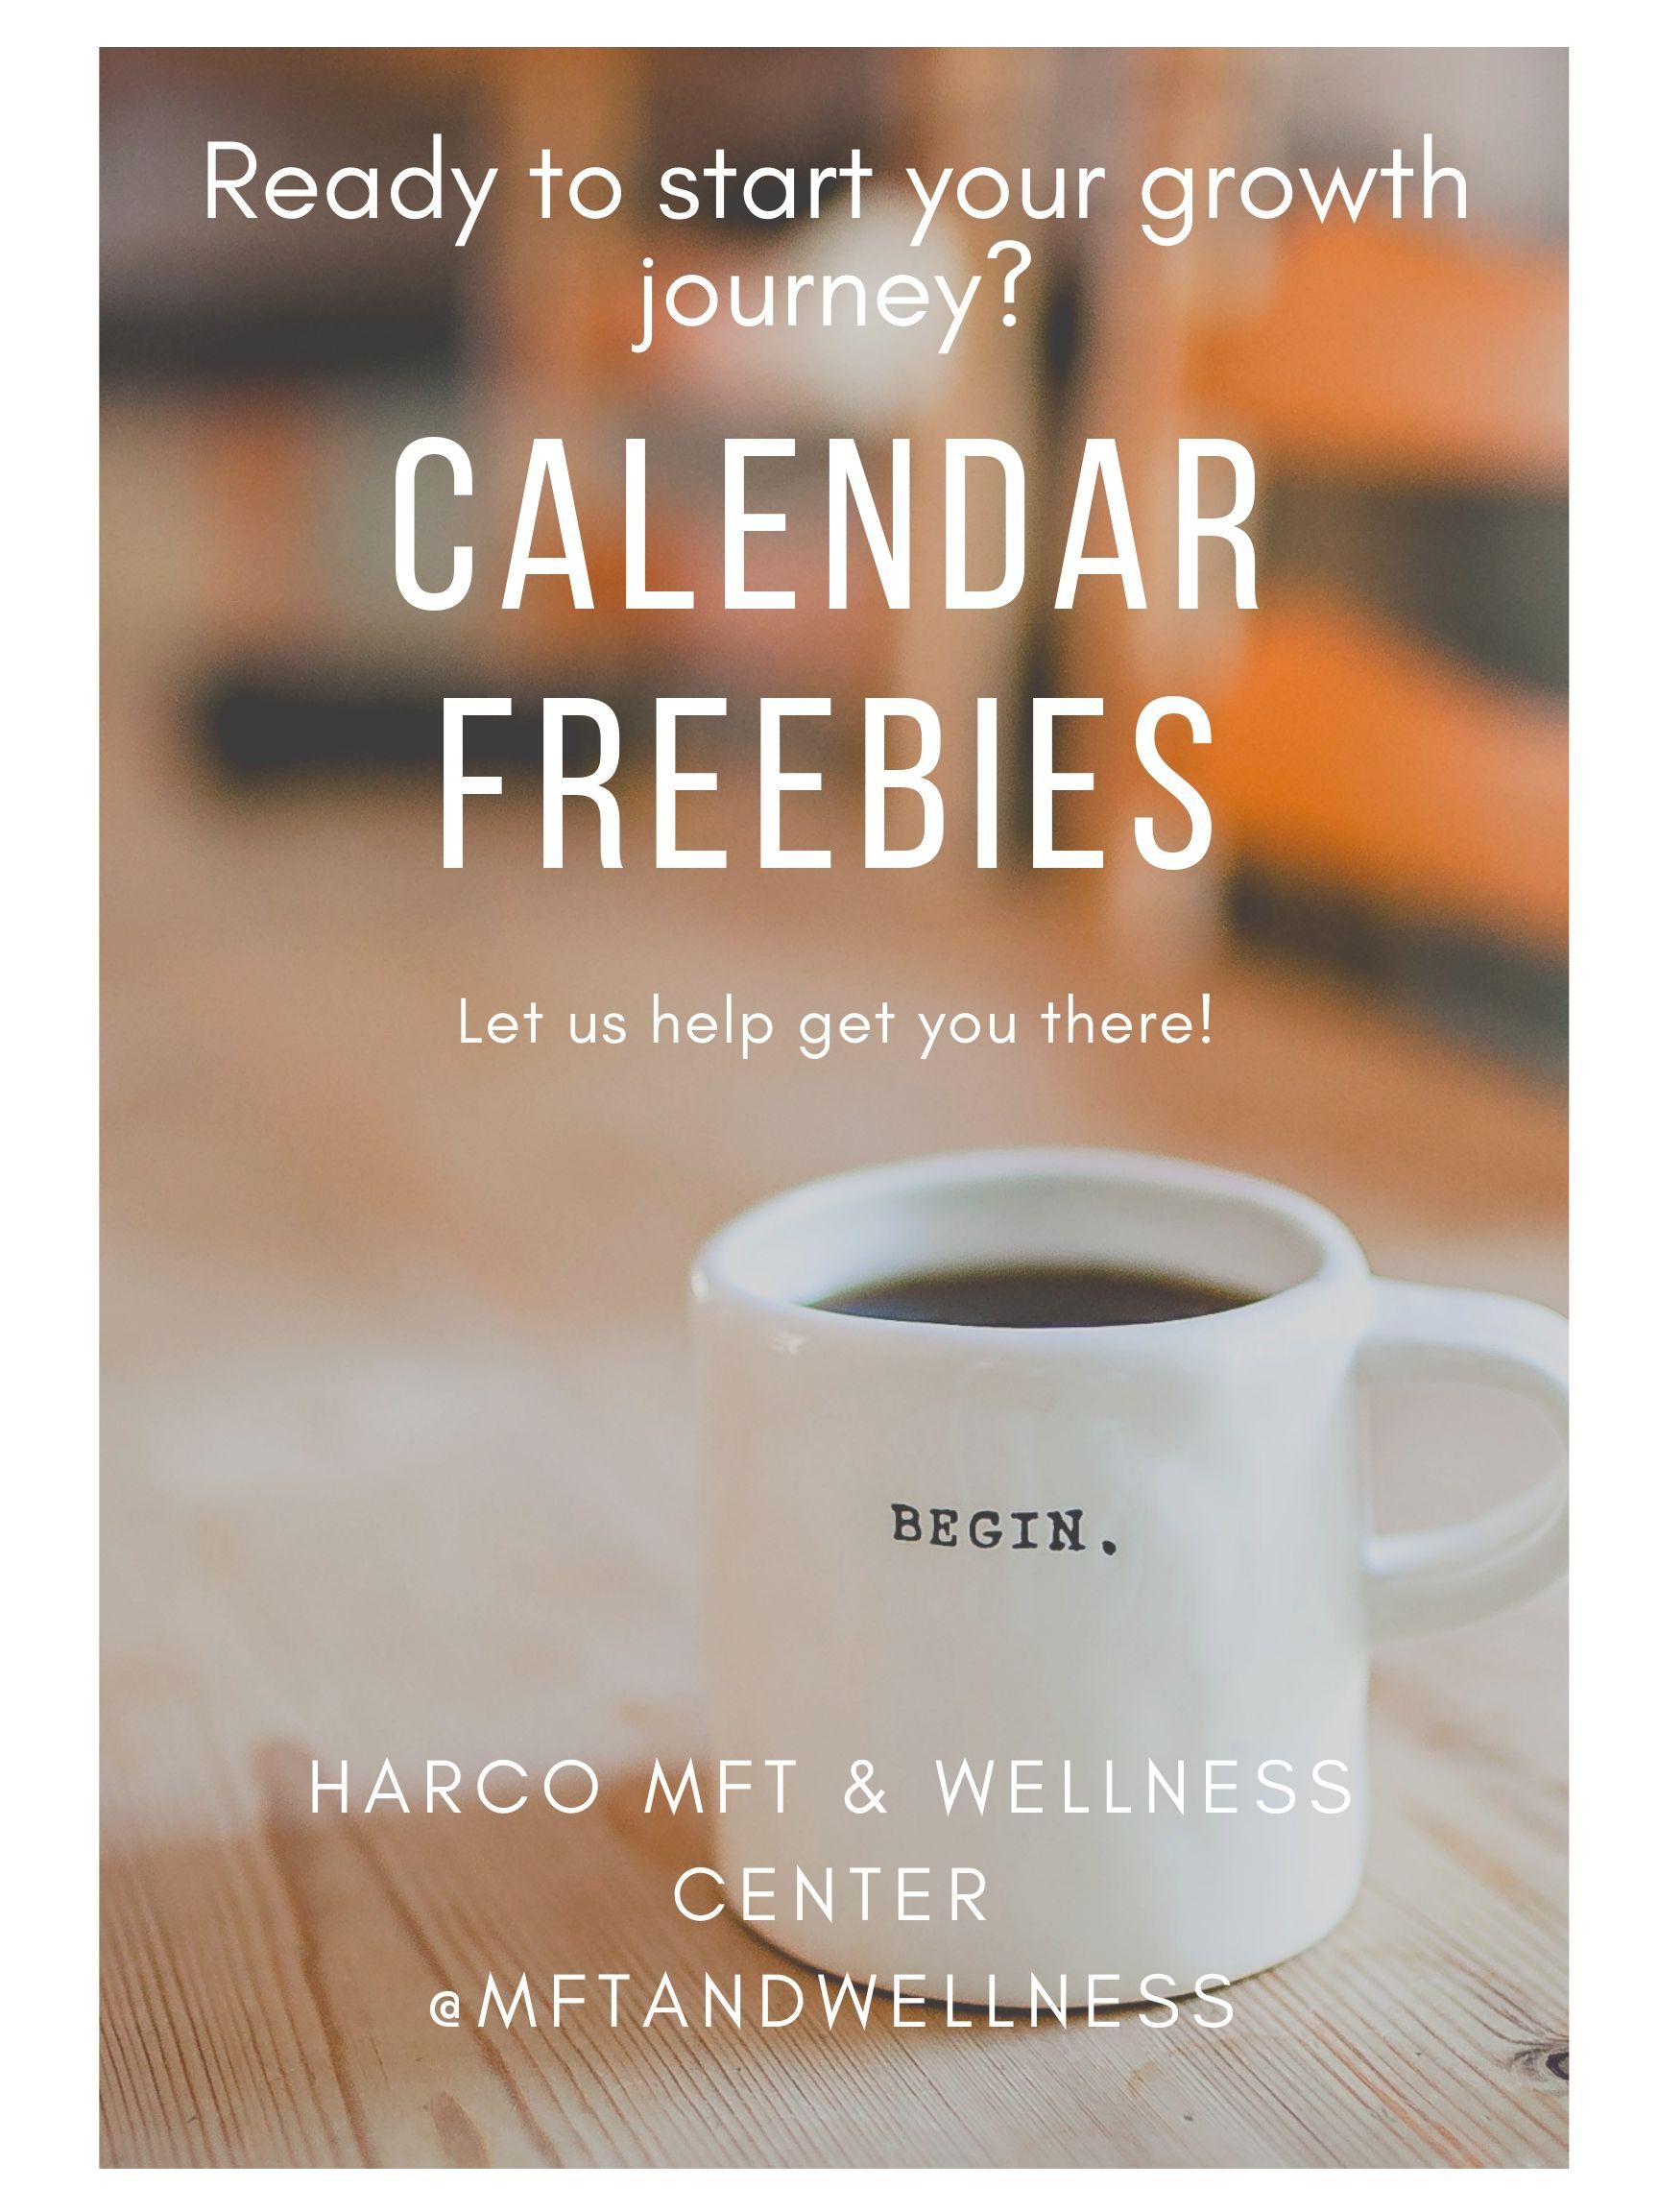 Calendar freebies.jpg